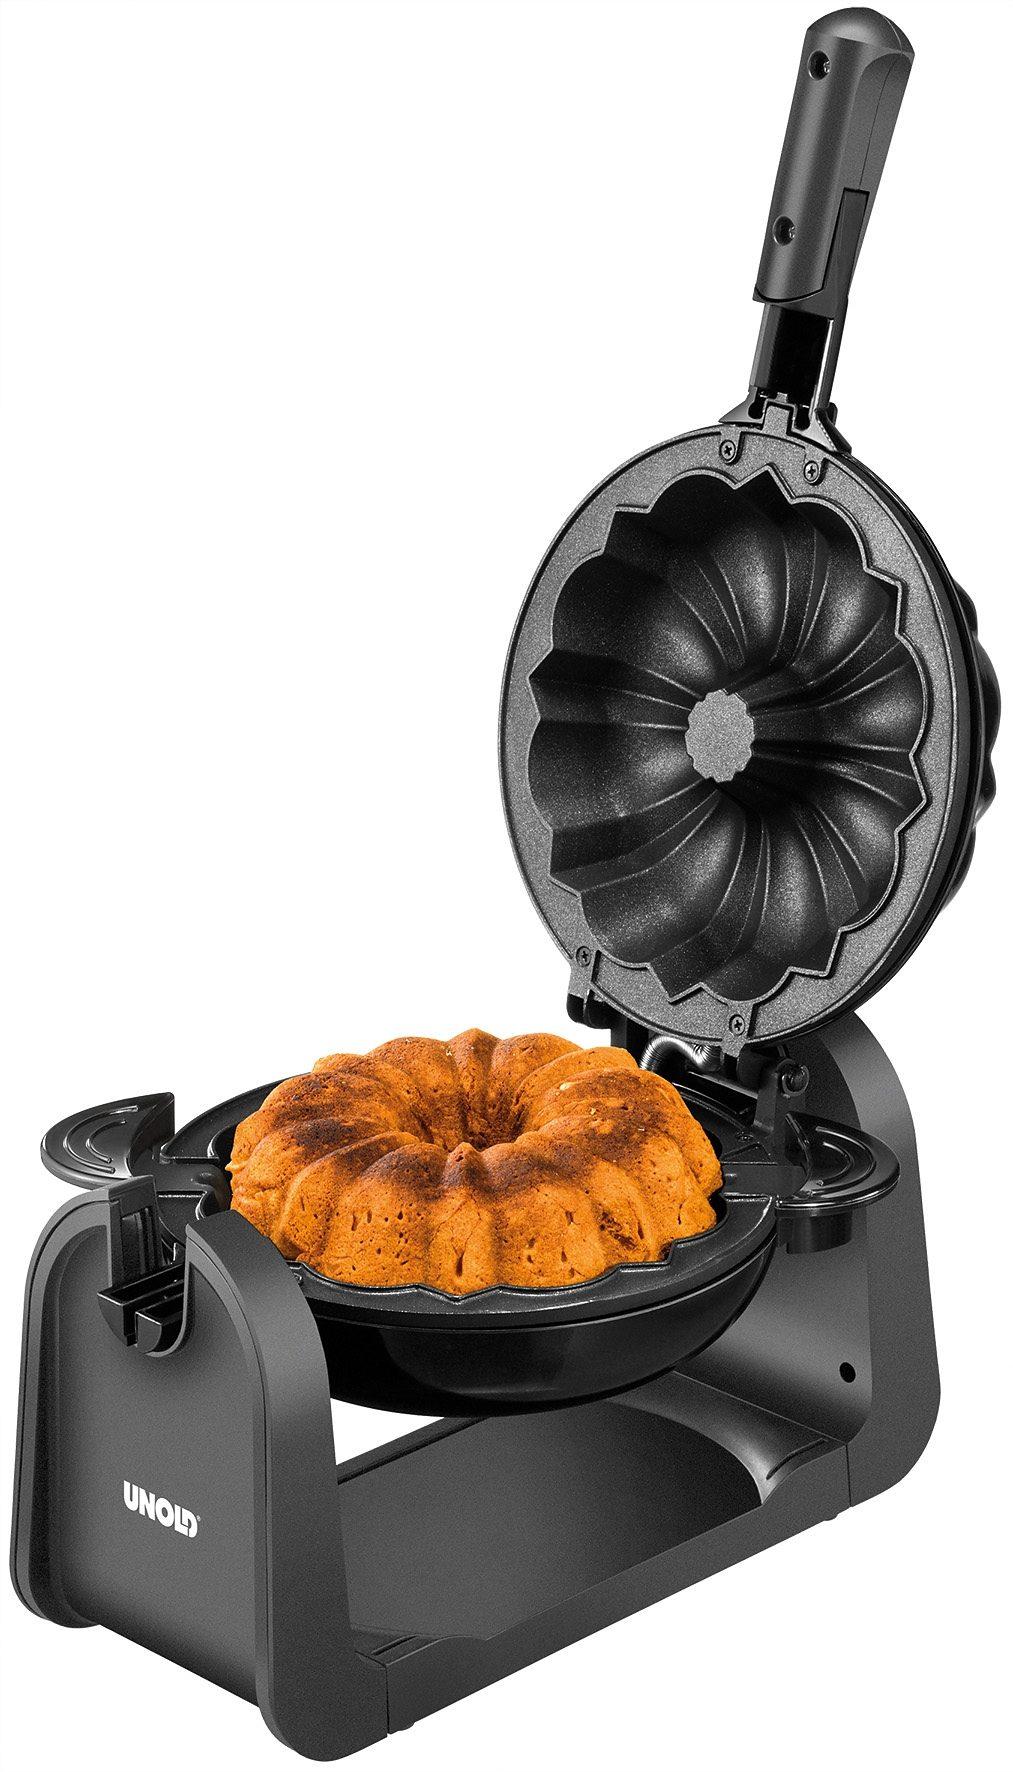 UNOLD® Kuchenbäcker 48325